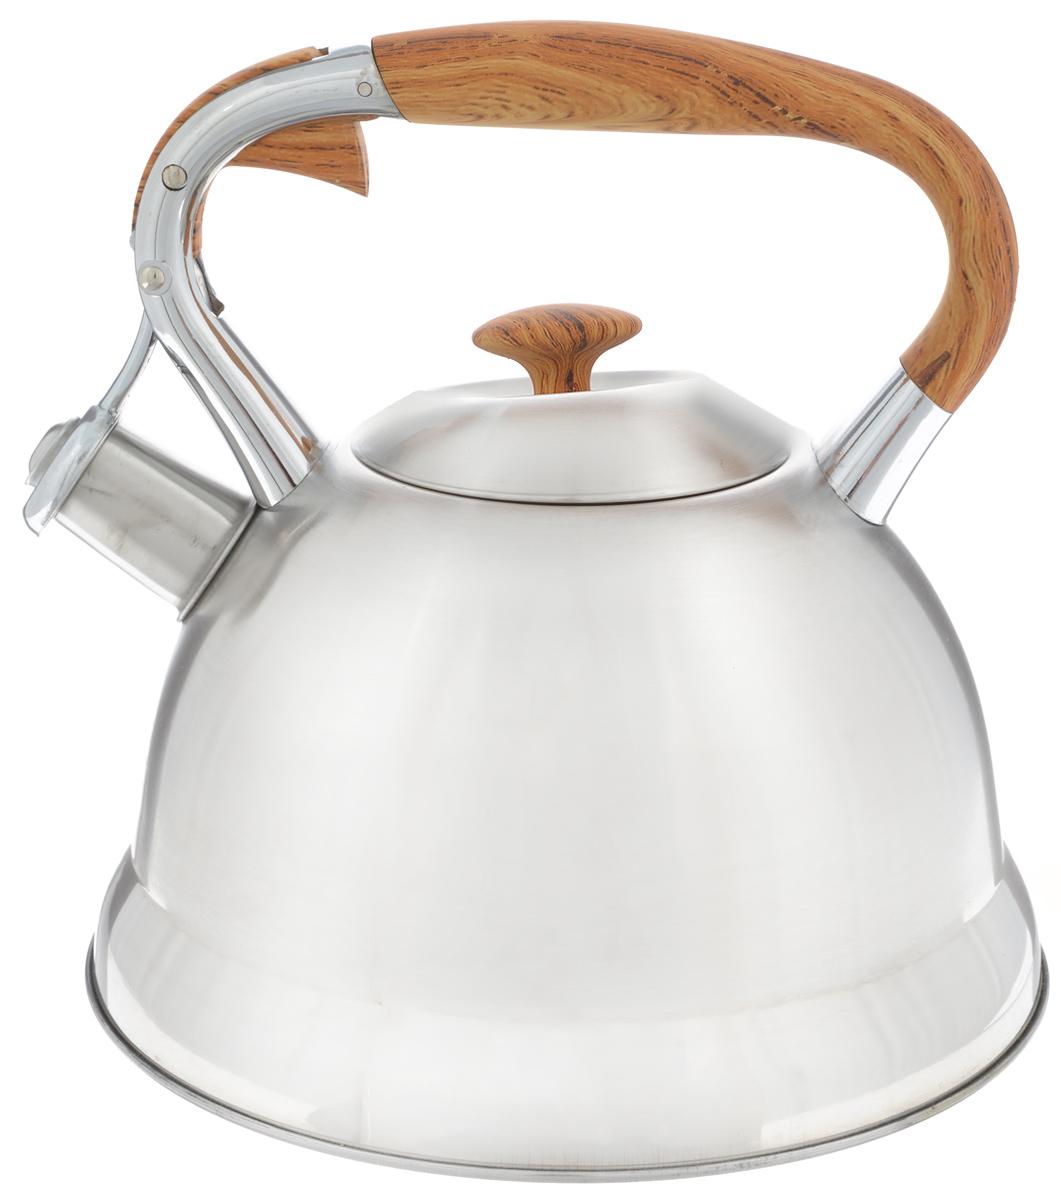 Чайник Mayer & Boch, со свистком, 2,7 л. 2317123171Чайник Mayer & Boch выполнен из высококачественной нержавеющей стали. Носик чайника оснащен насадкой-свистком, что позволит вам контролировать процесс подогрева или кипячения воды. Фиксированная ручка, выполненная из бакелита, цинка и силикона, дает дополнительное удобство при разлитии напитка. Поверхность чайника гладкая и ровная, что облегчает уход за ним. Подходит для всех типов плит, включая индукционные. Можно мыть в посудомоечной машине. Диаметр чайника (по верхнему краю): 10 см. Высота чайника: 23 см.